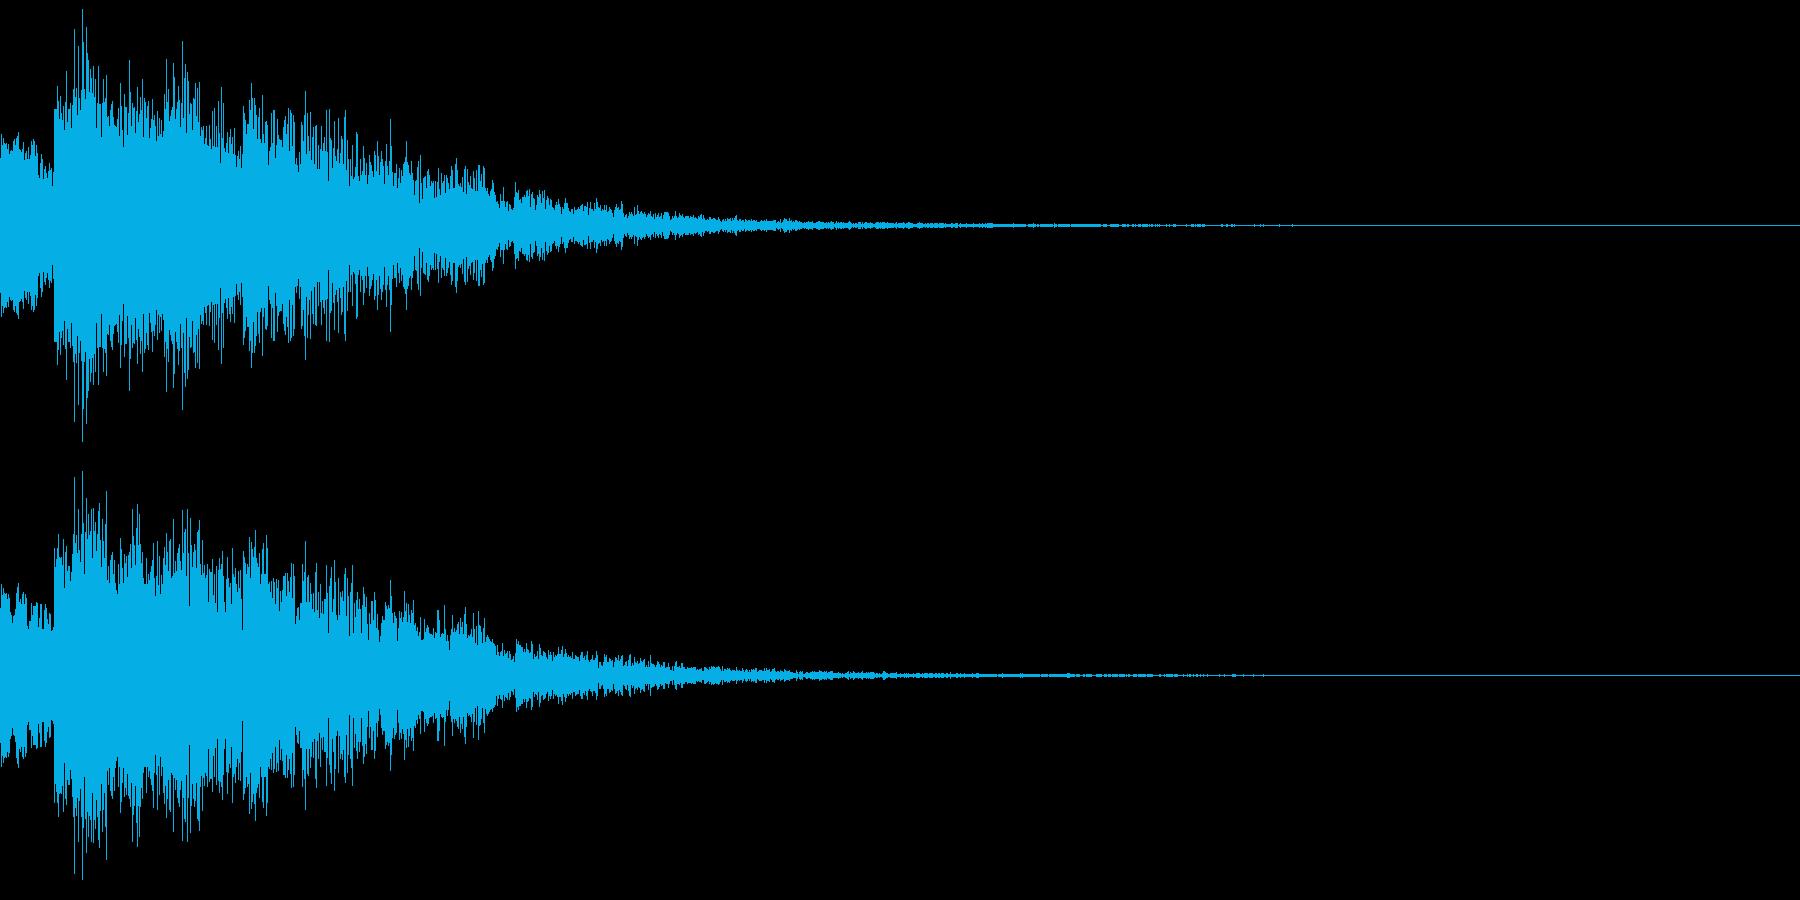 魔法音09_Aの再生済みの波形